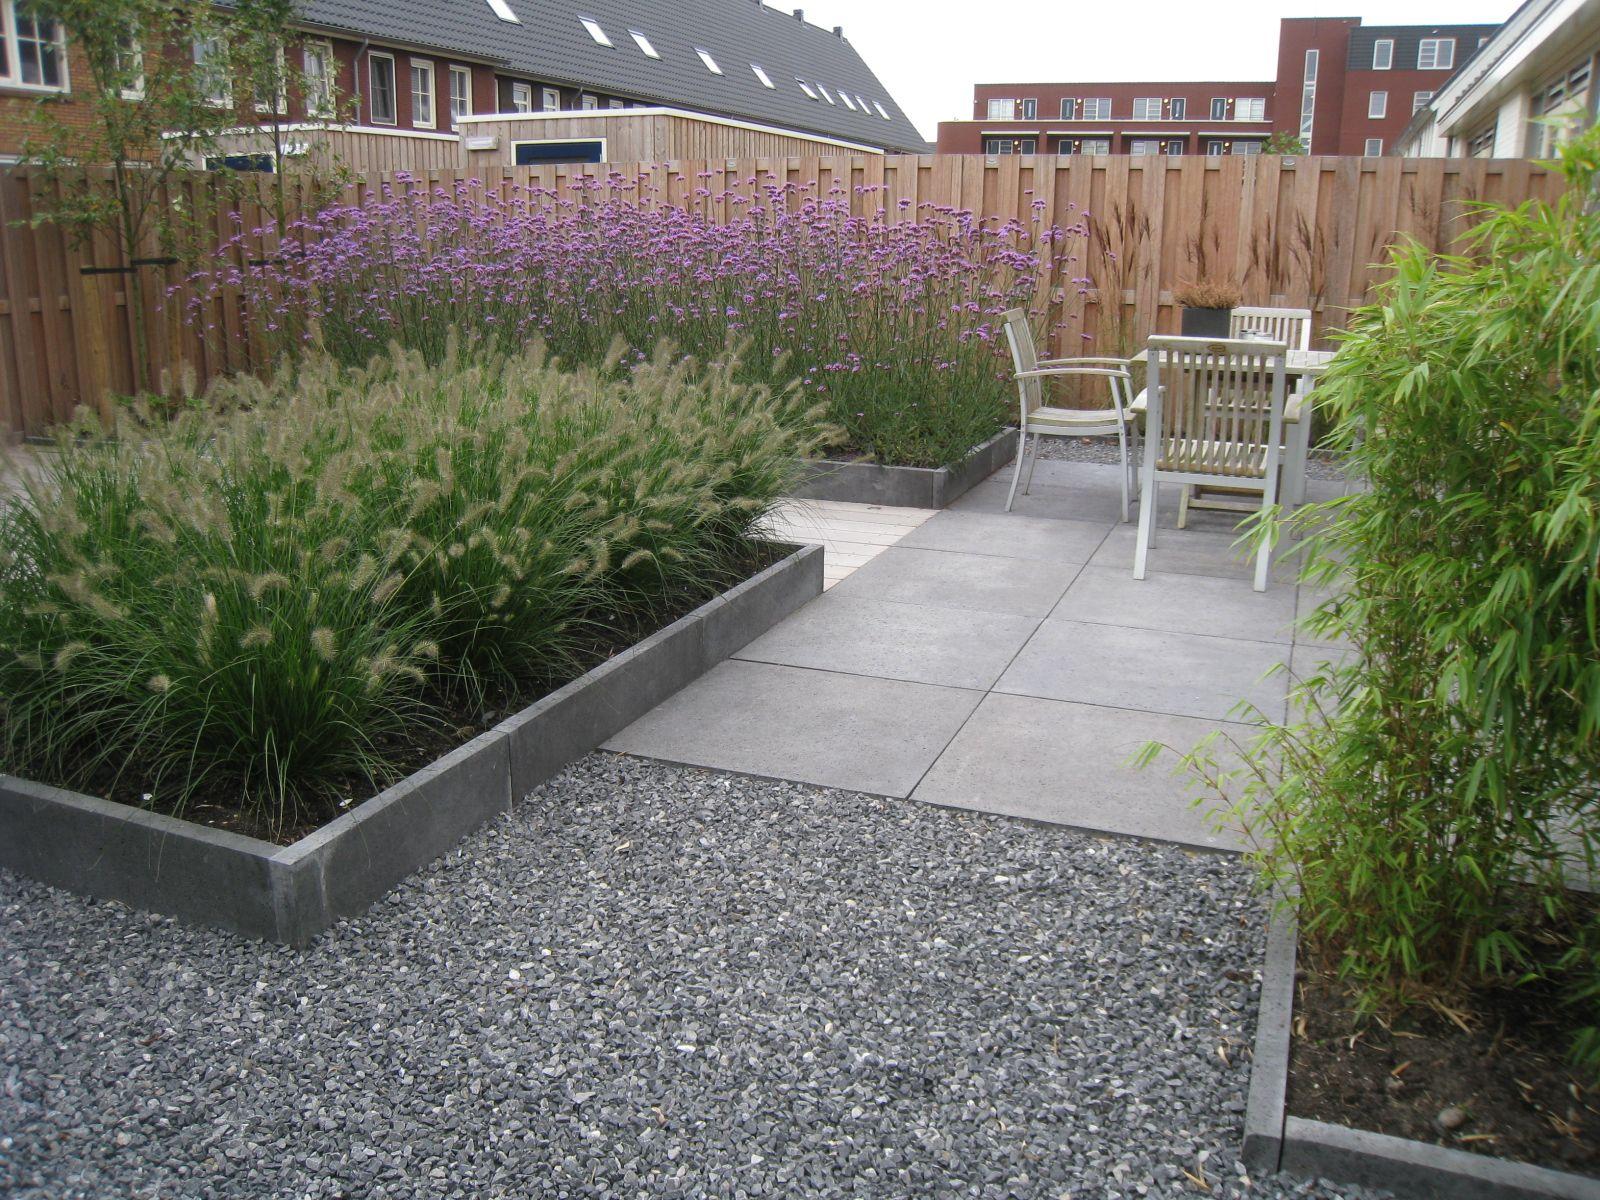 Grote Moderne Tuin : Strakke tuin moderne achtertuin tuinvoorbeelden kleine tuin